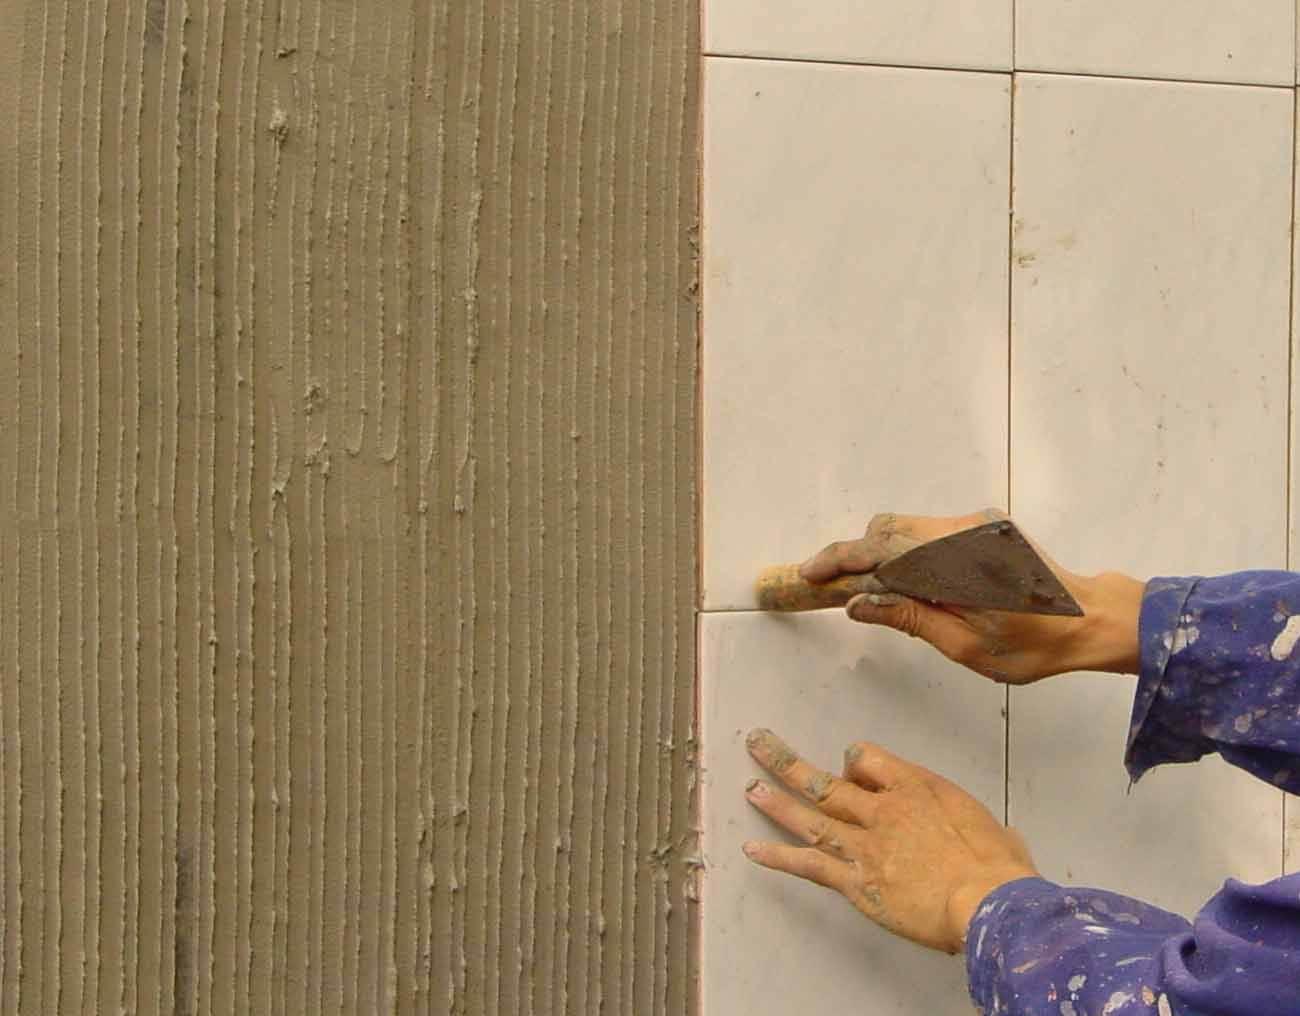 瓷砖胶使用缺点及误区